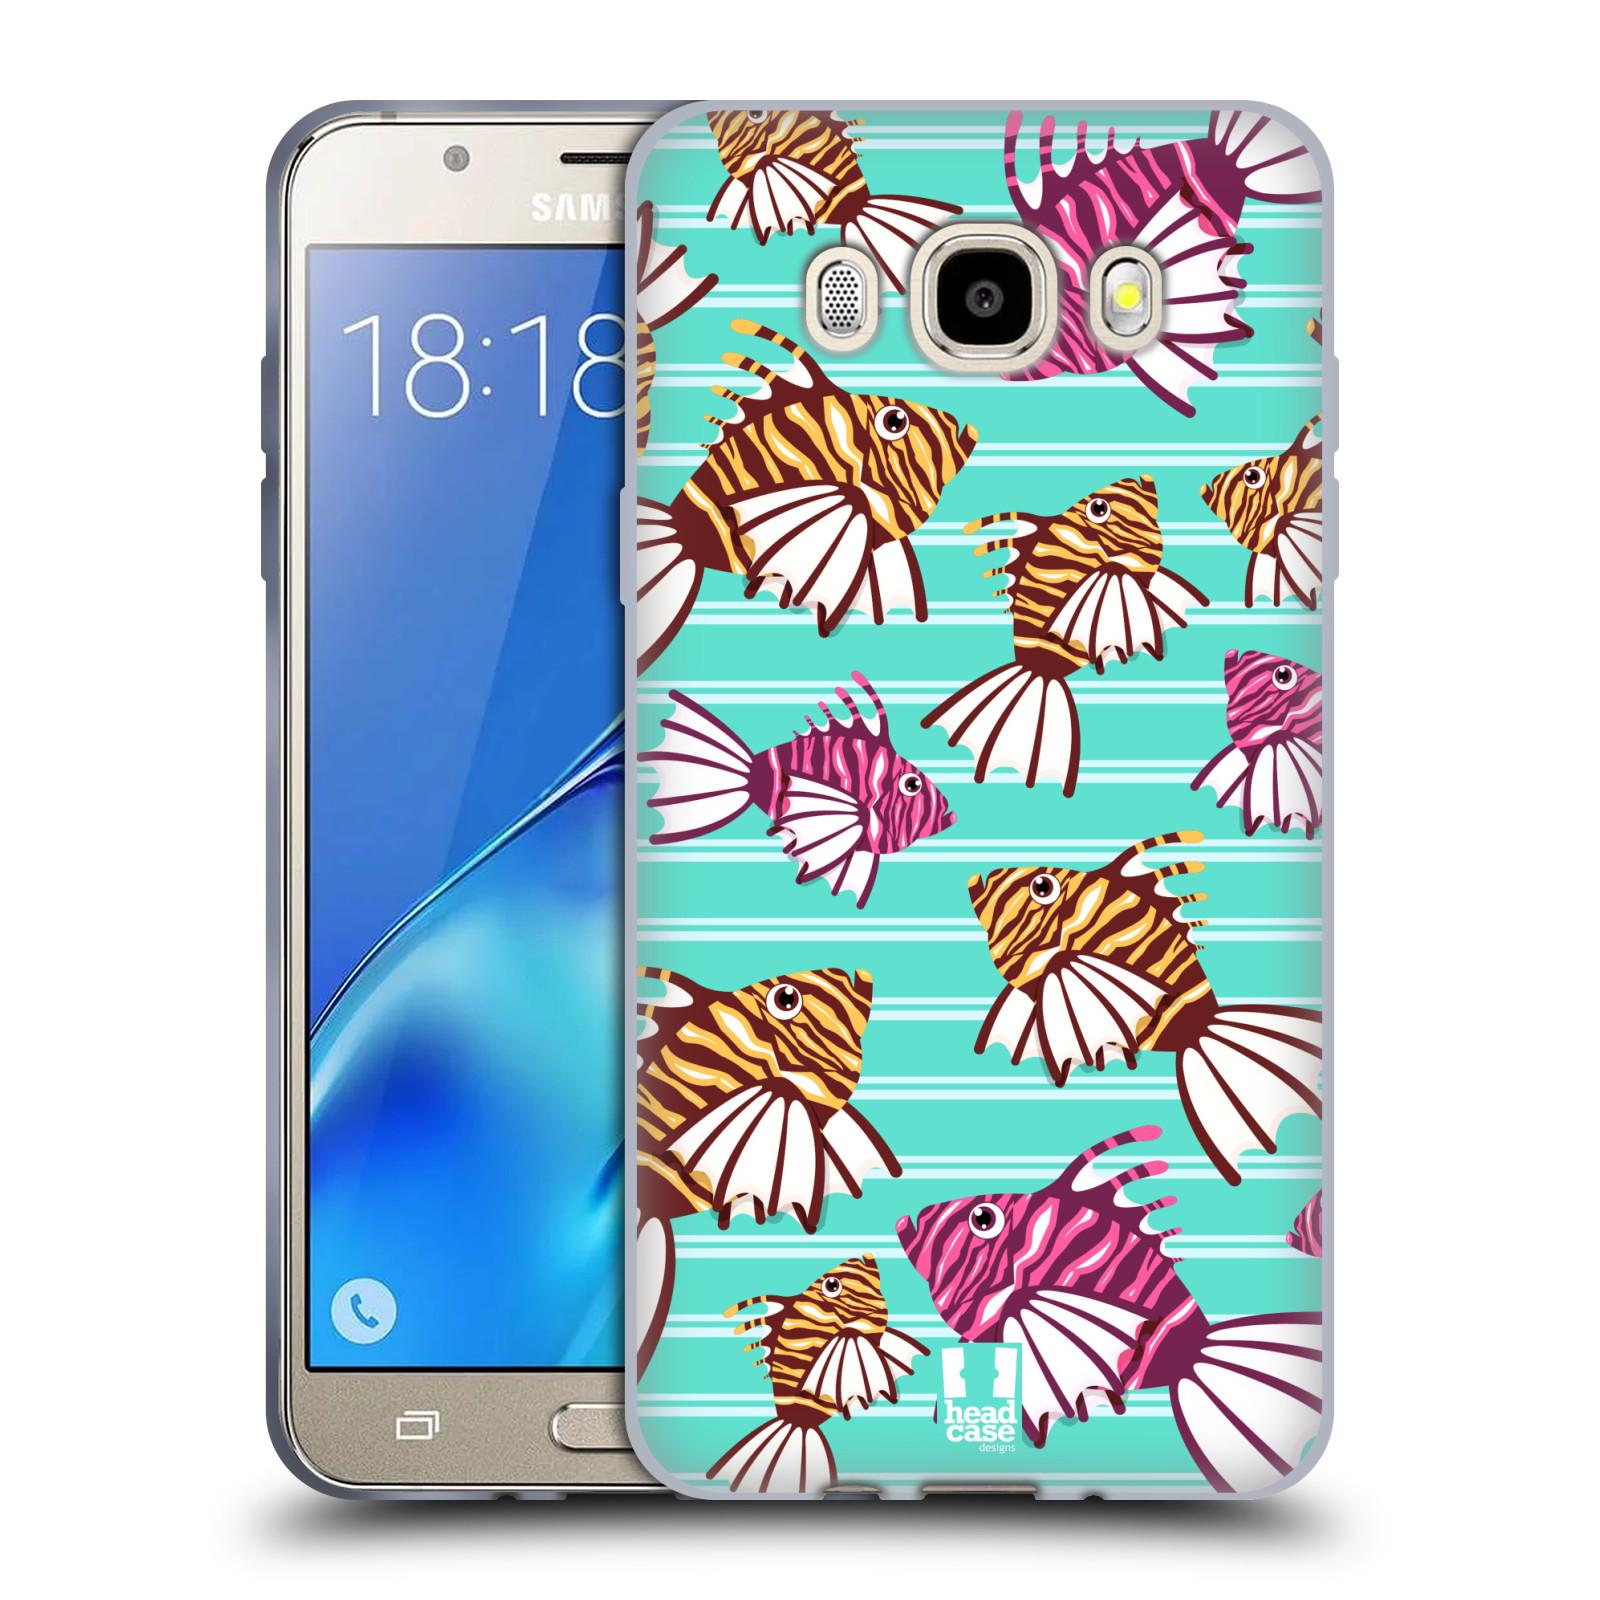 HEAD CASE silikonový obal, kryt na mobil Samsung Galaxy J5 2016, J510, J510F, (J510F DUAL SIM) vzor mořský živočich ryba